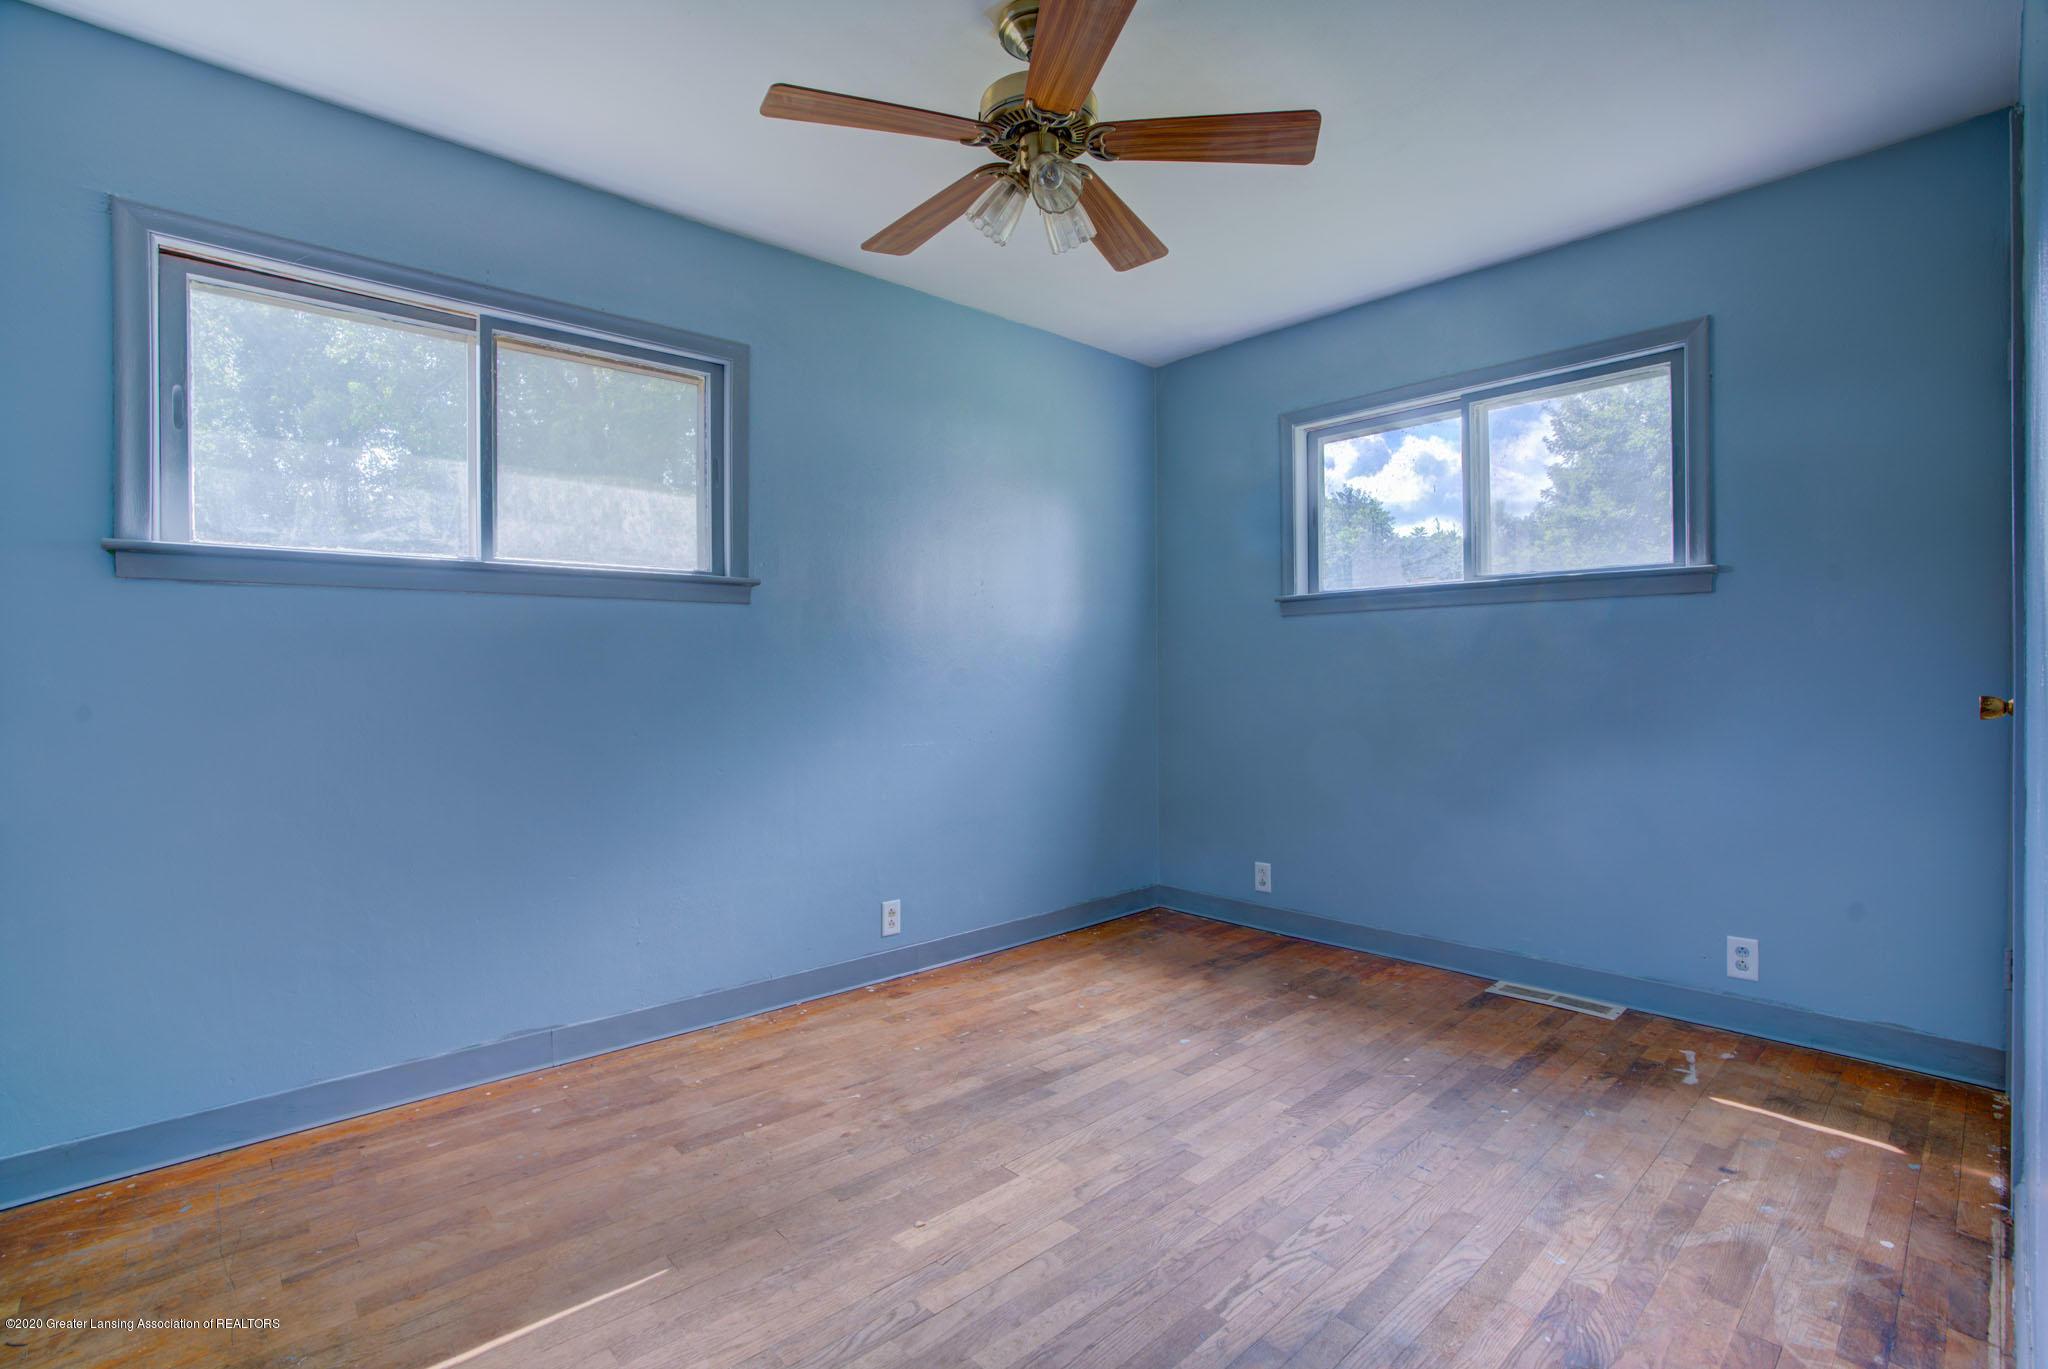 2400 Washington Rd - Bedroom 2 - 13